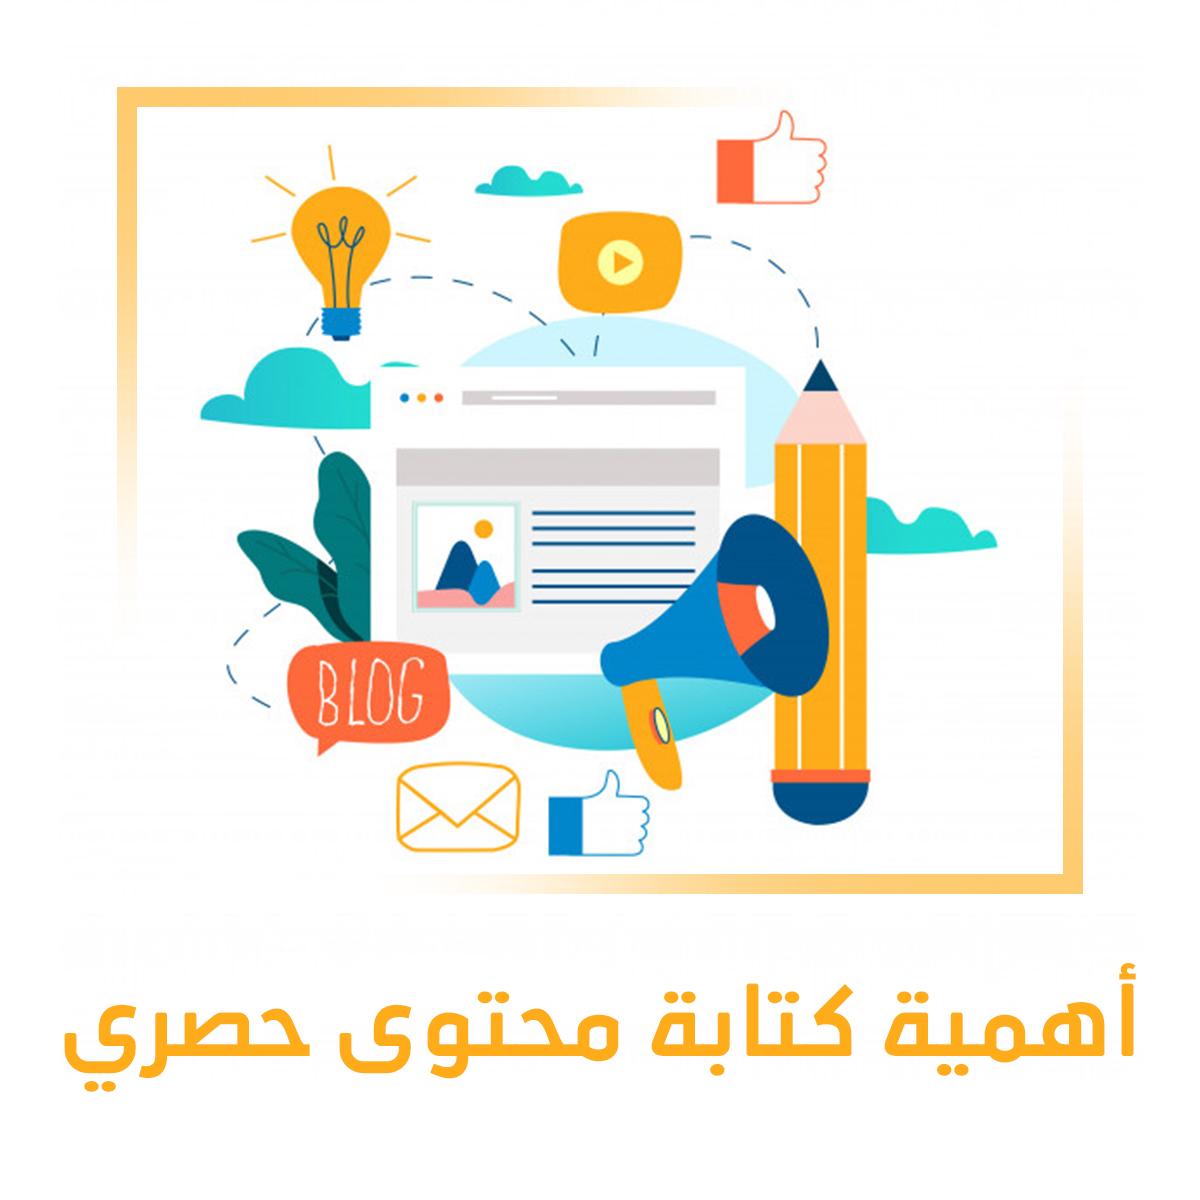 أهمية كتابة محتوى حصري في ترقية نتائجك في محركات البحث